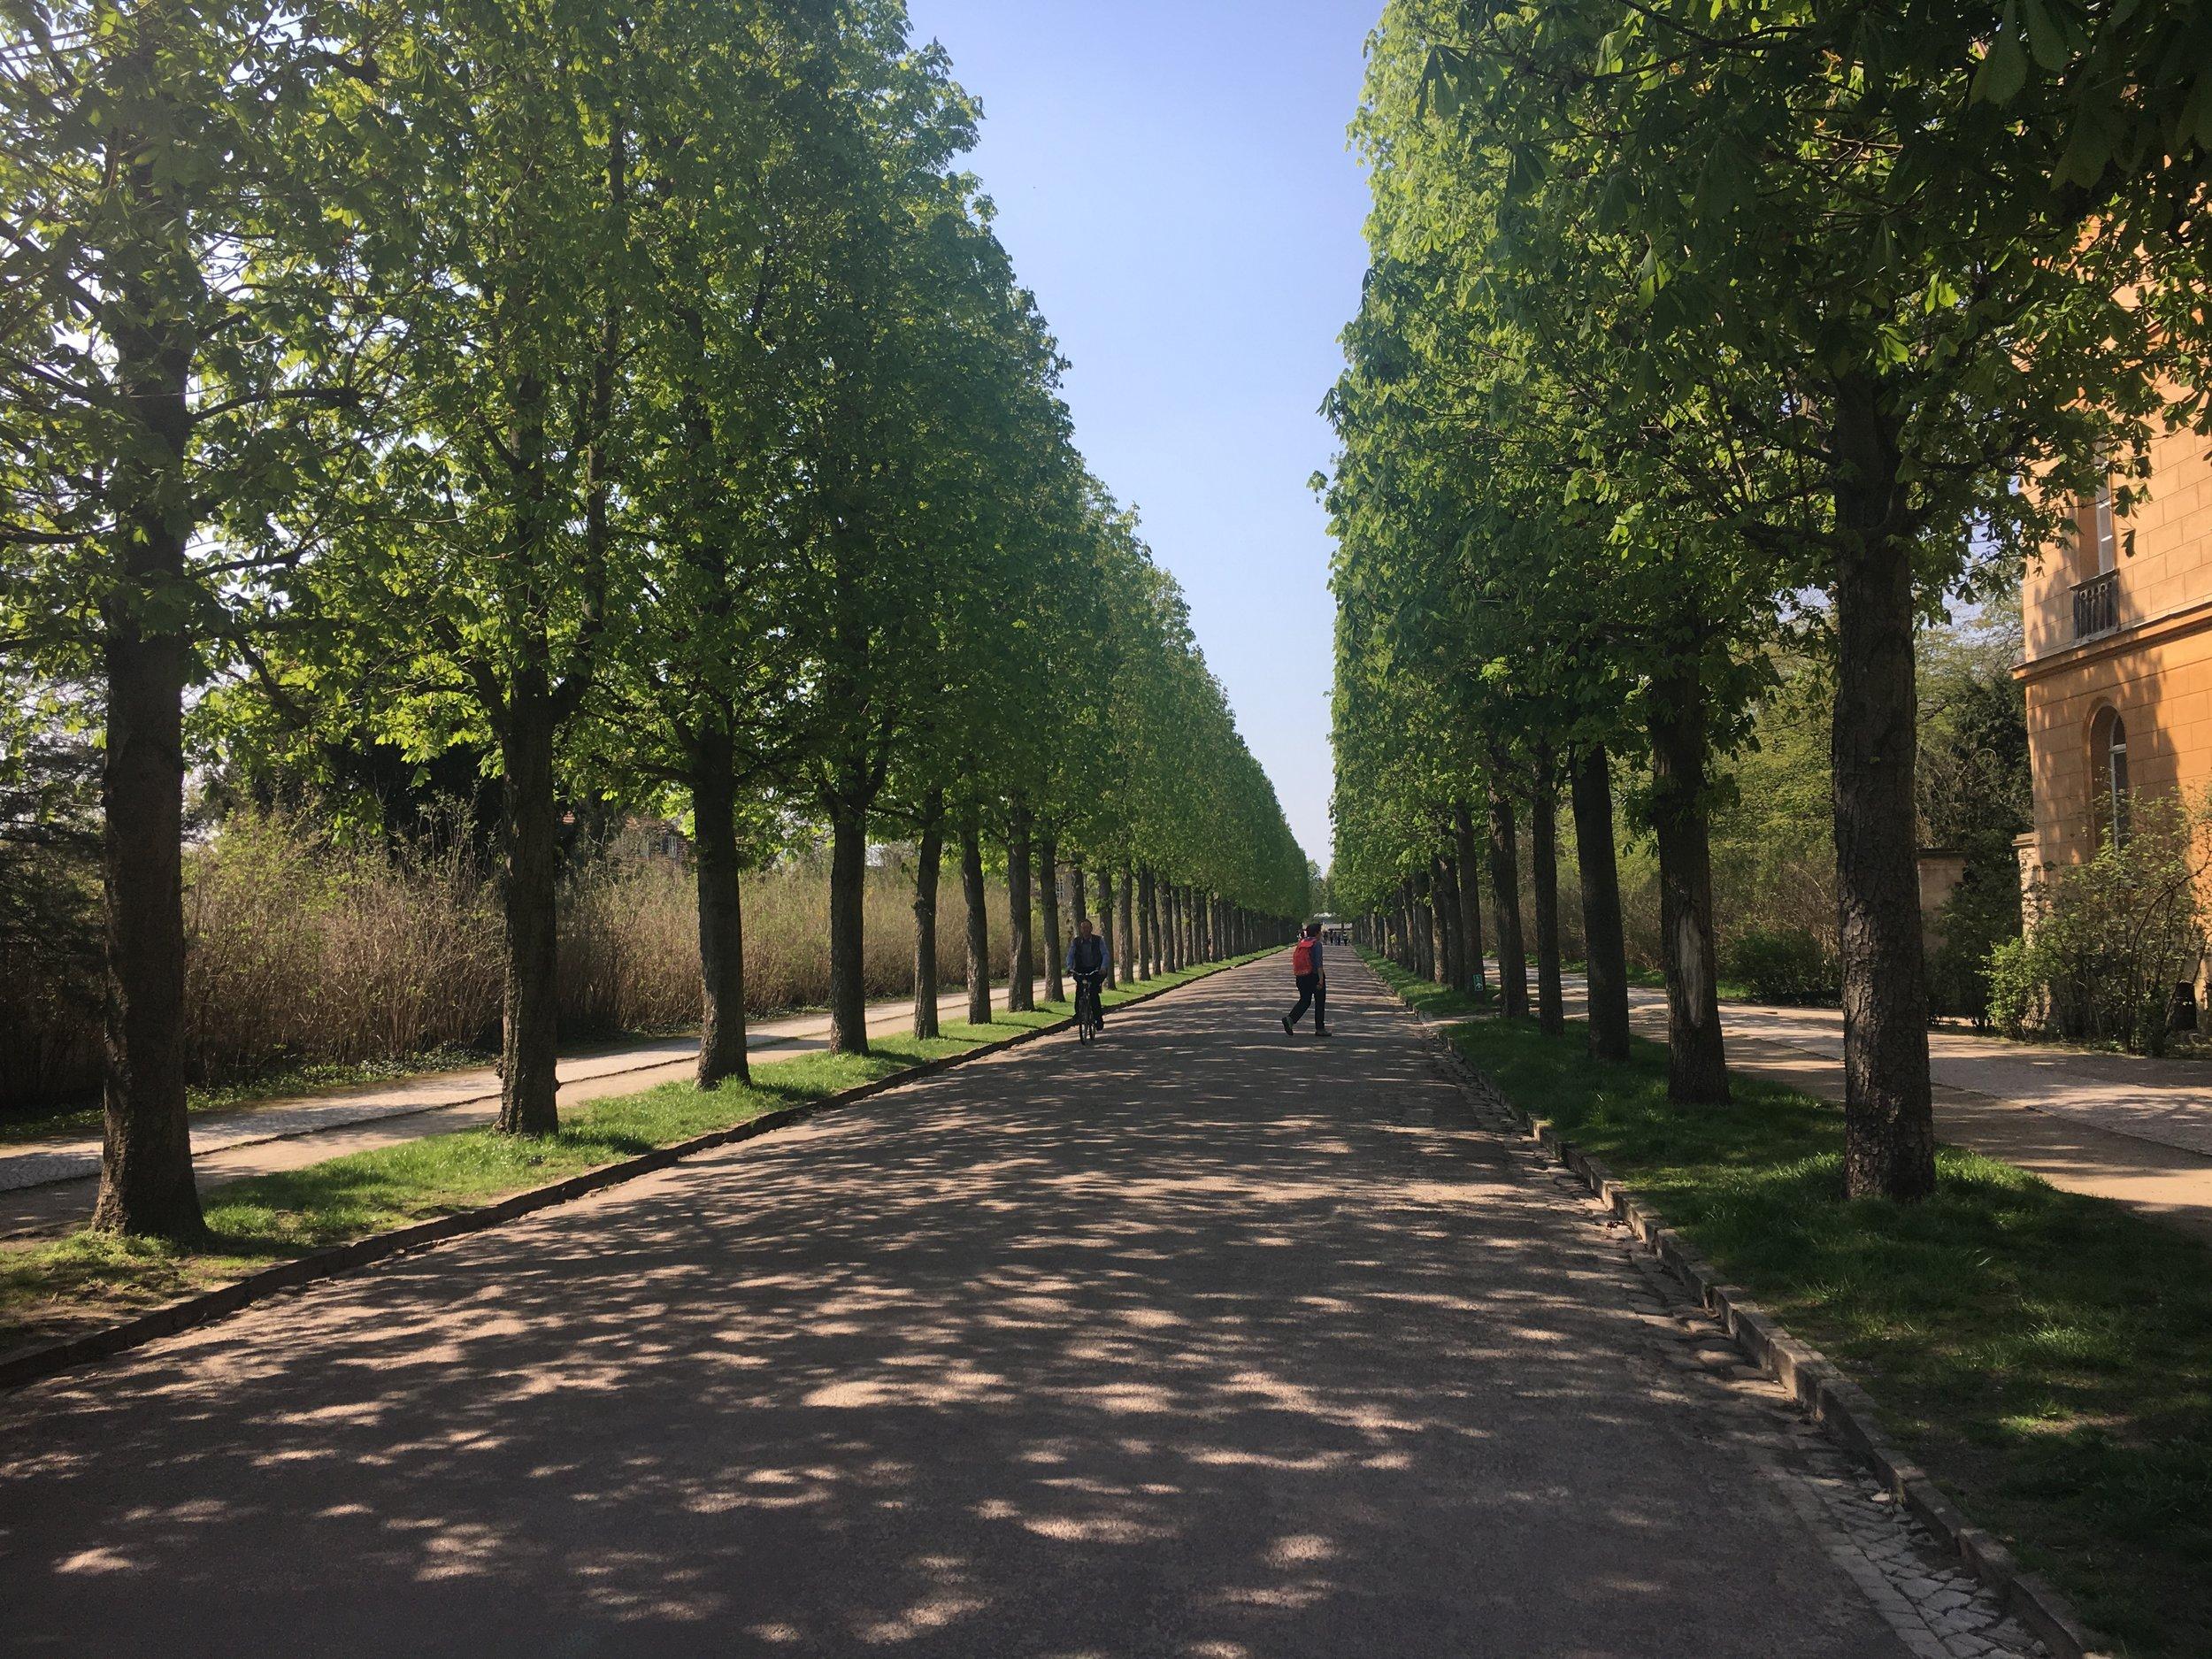 Berlin_Potsdam_Sanssouci-Park-1